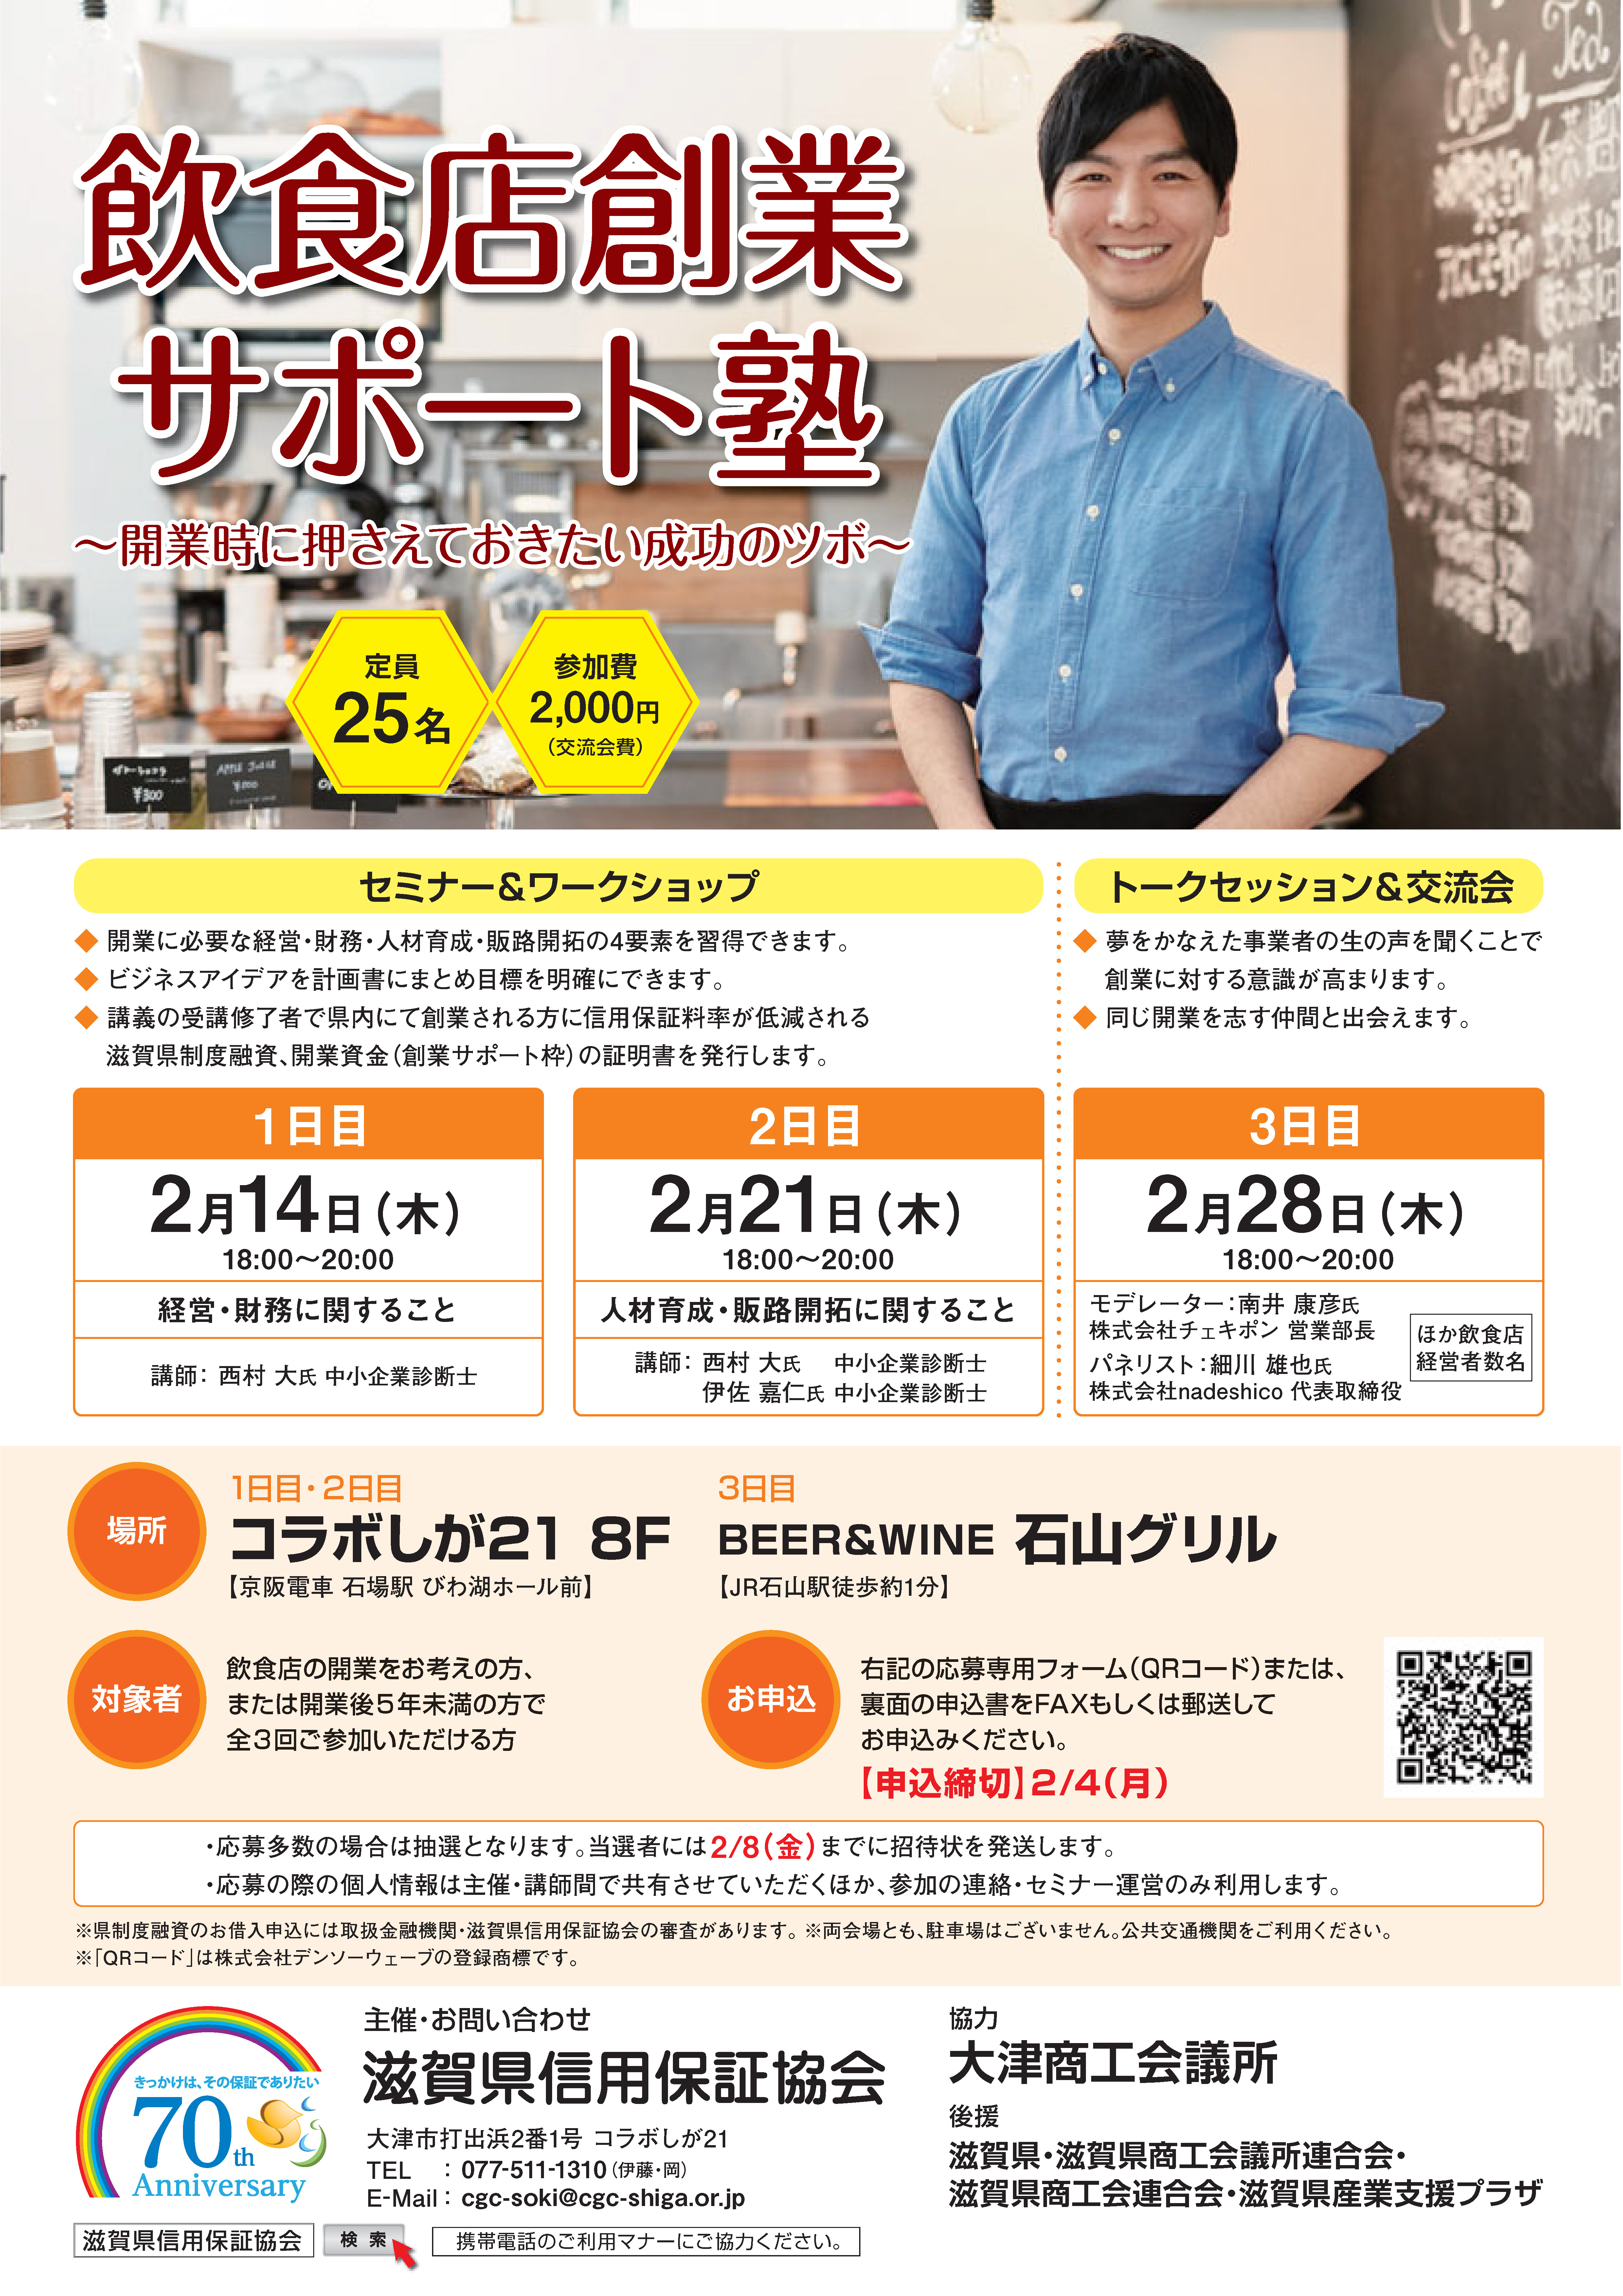 【原稿】飲食店創業サポート塾A4_1226_ページ_1